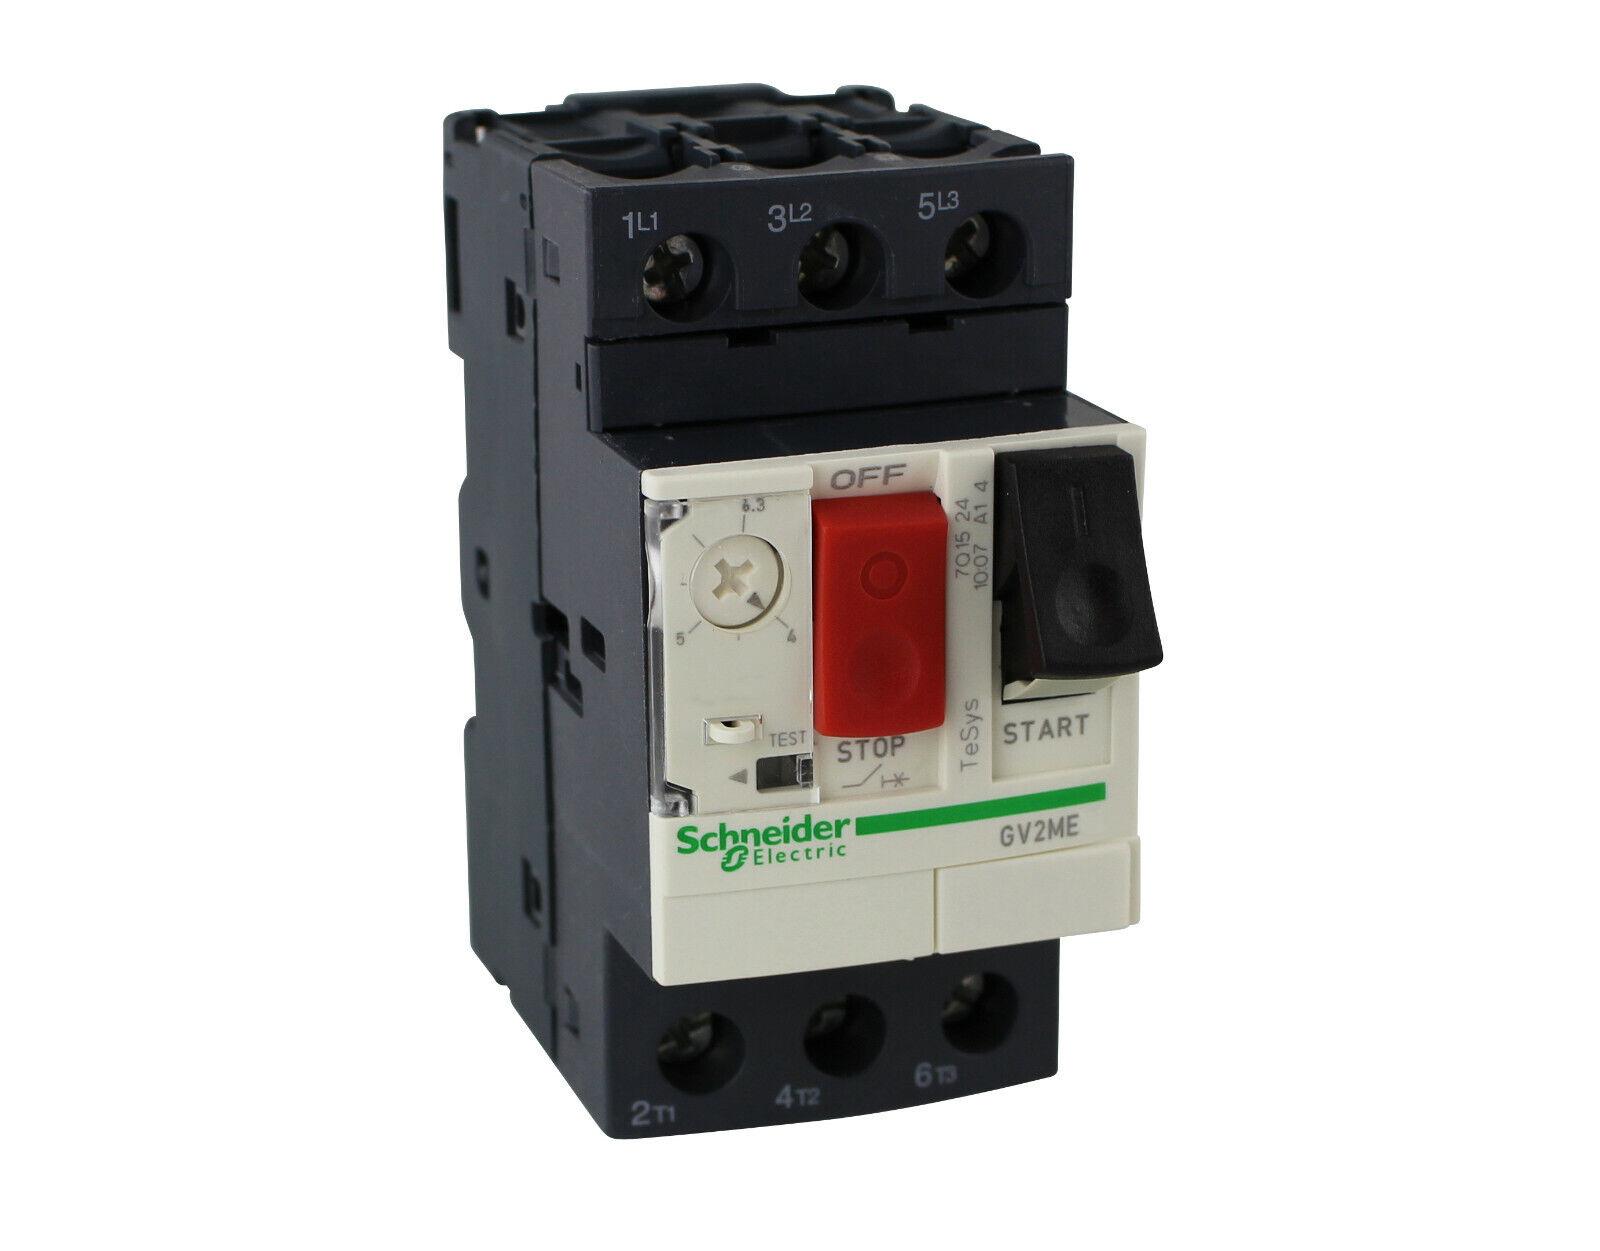 Schneider Interruptores GV2ME07 1,6-2,5A para Drehstrommotoren 400V IP20